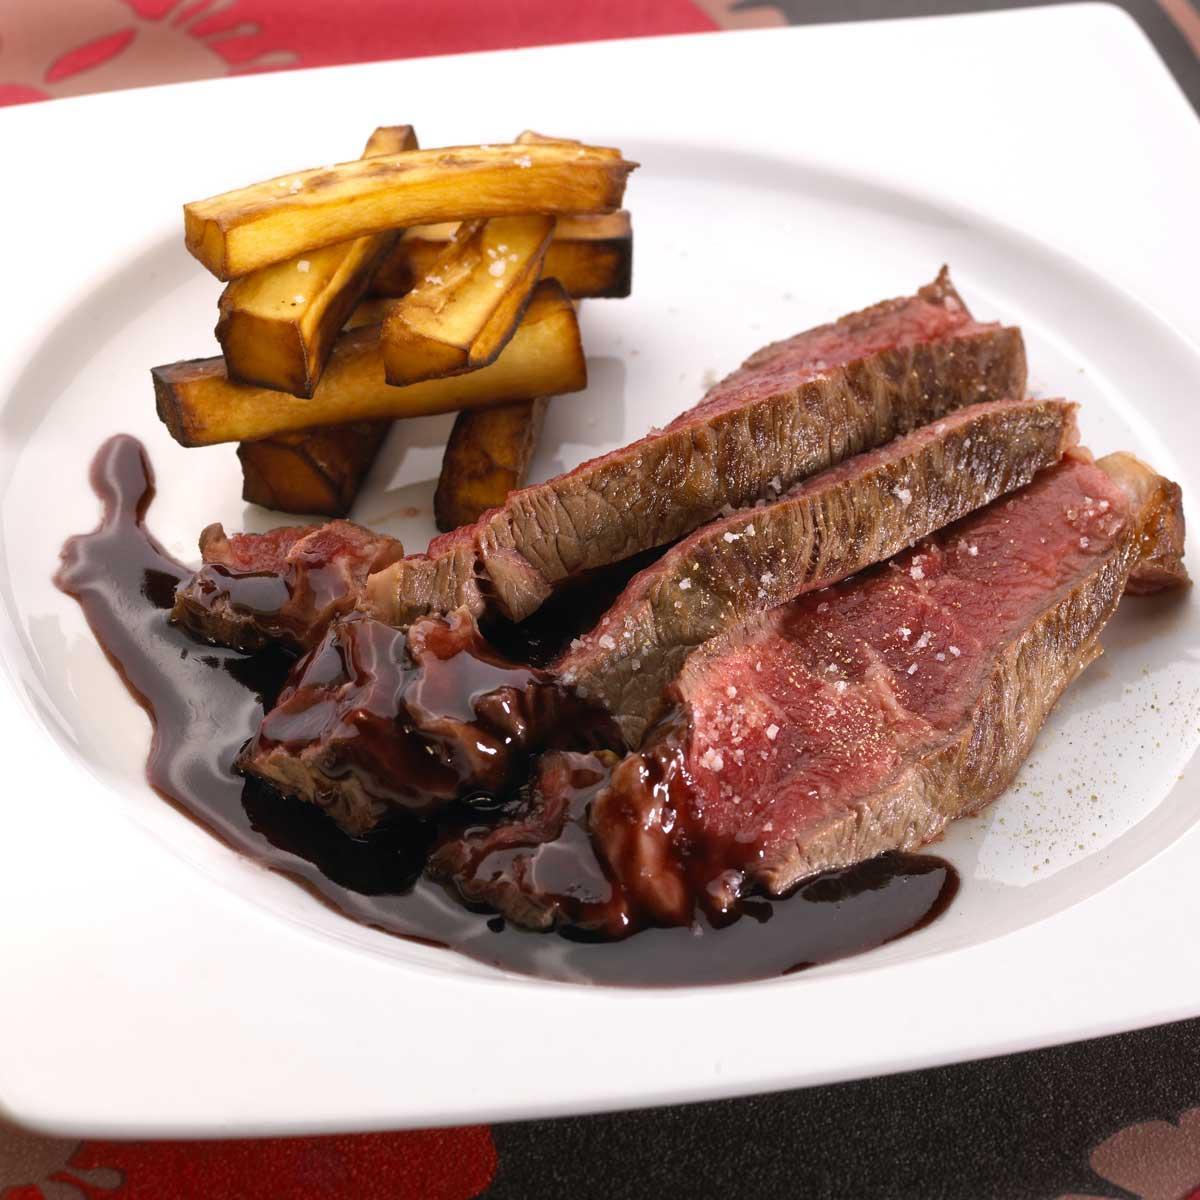 Recette c te de b uf sauce carlate et frites de panais cuisine madame figaro - Duree cuisson cote de boeuf ...